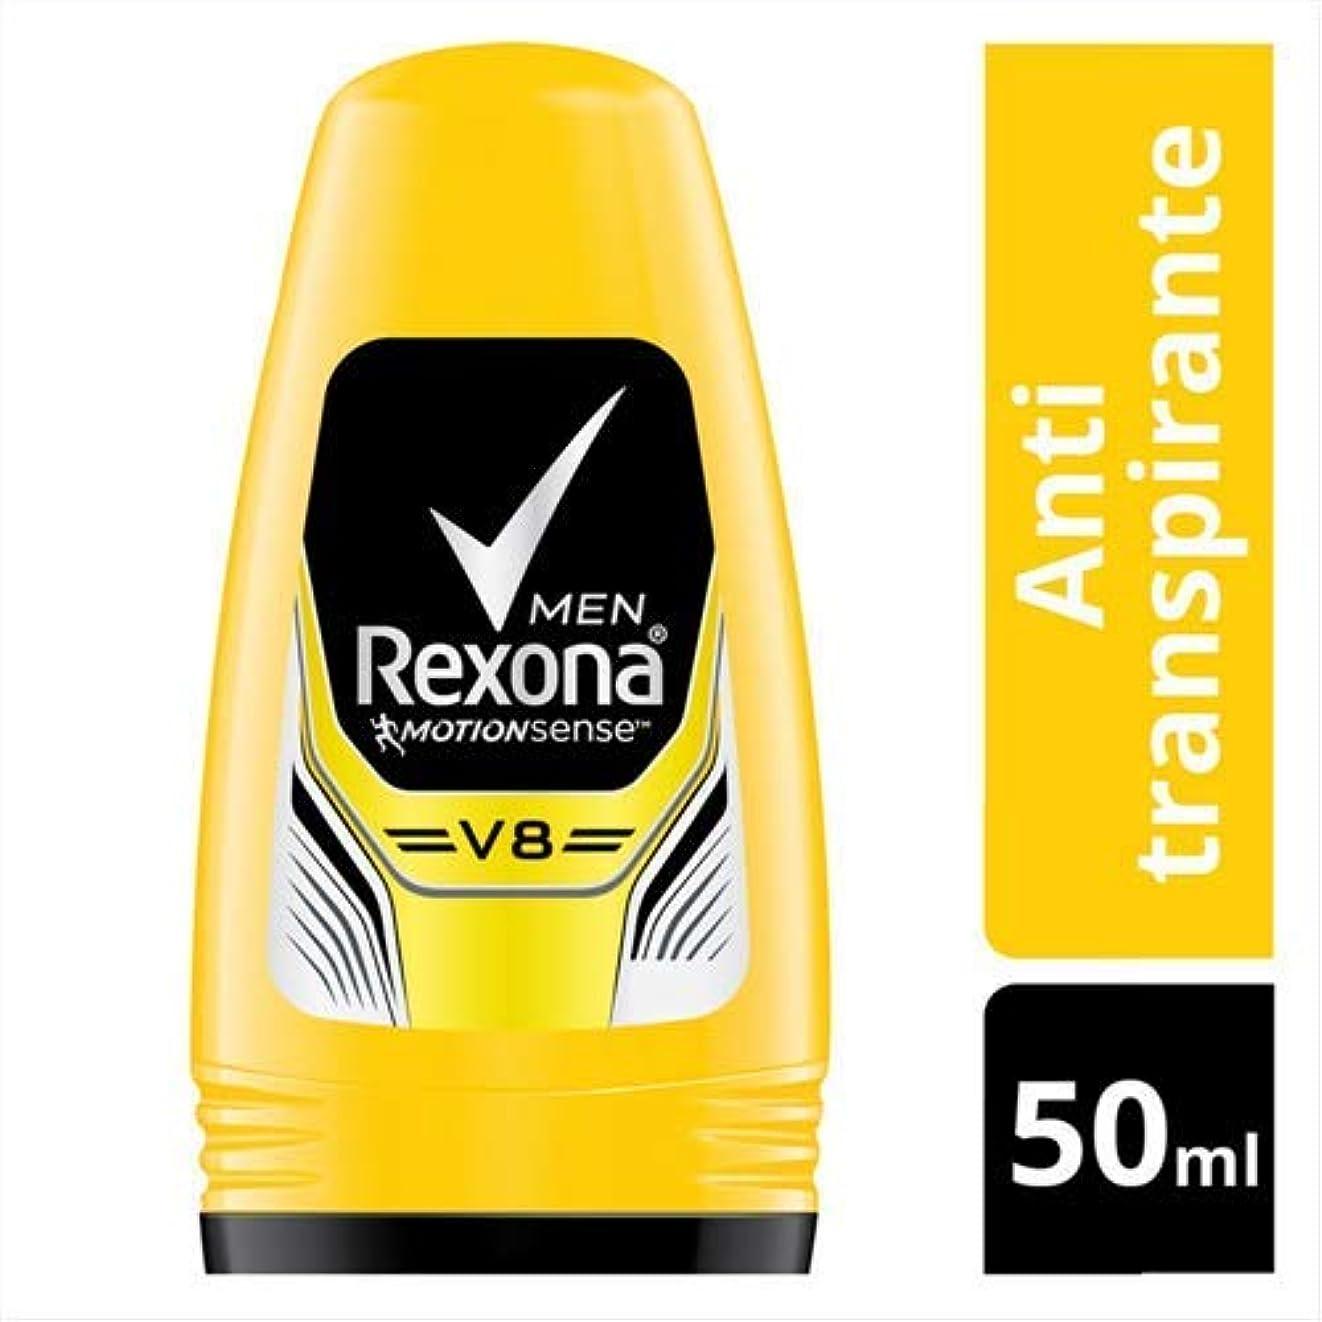 予見する起こりやすい法医学Rexona Men レクソーナ メンズ ブラジル製デオドラント ロールオン?V8 ブイエイト 50ml